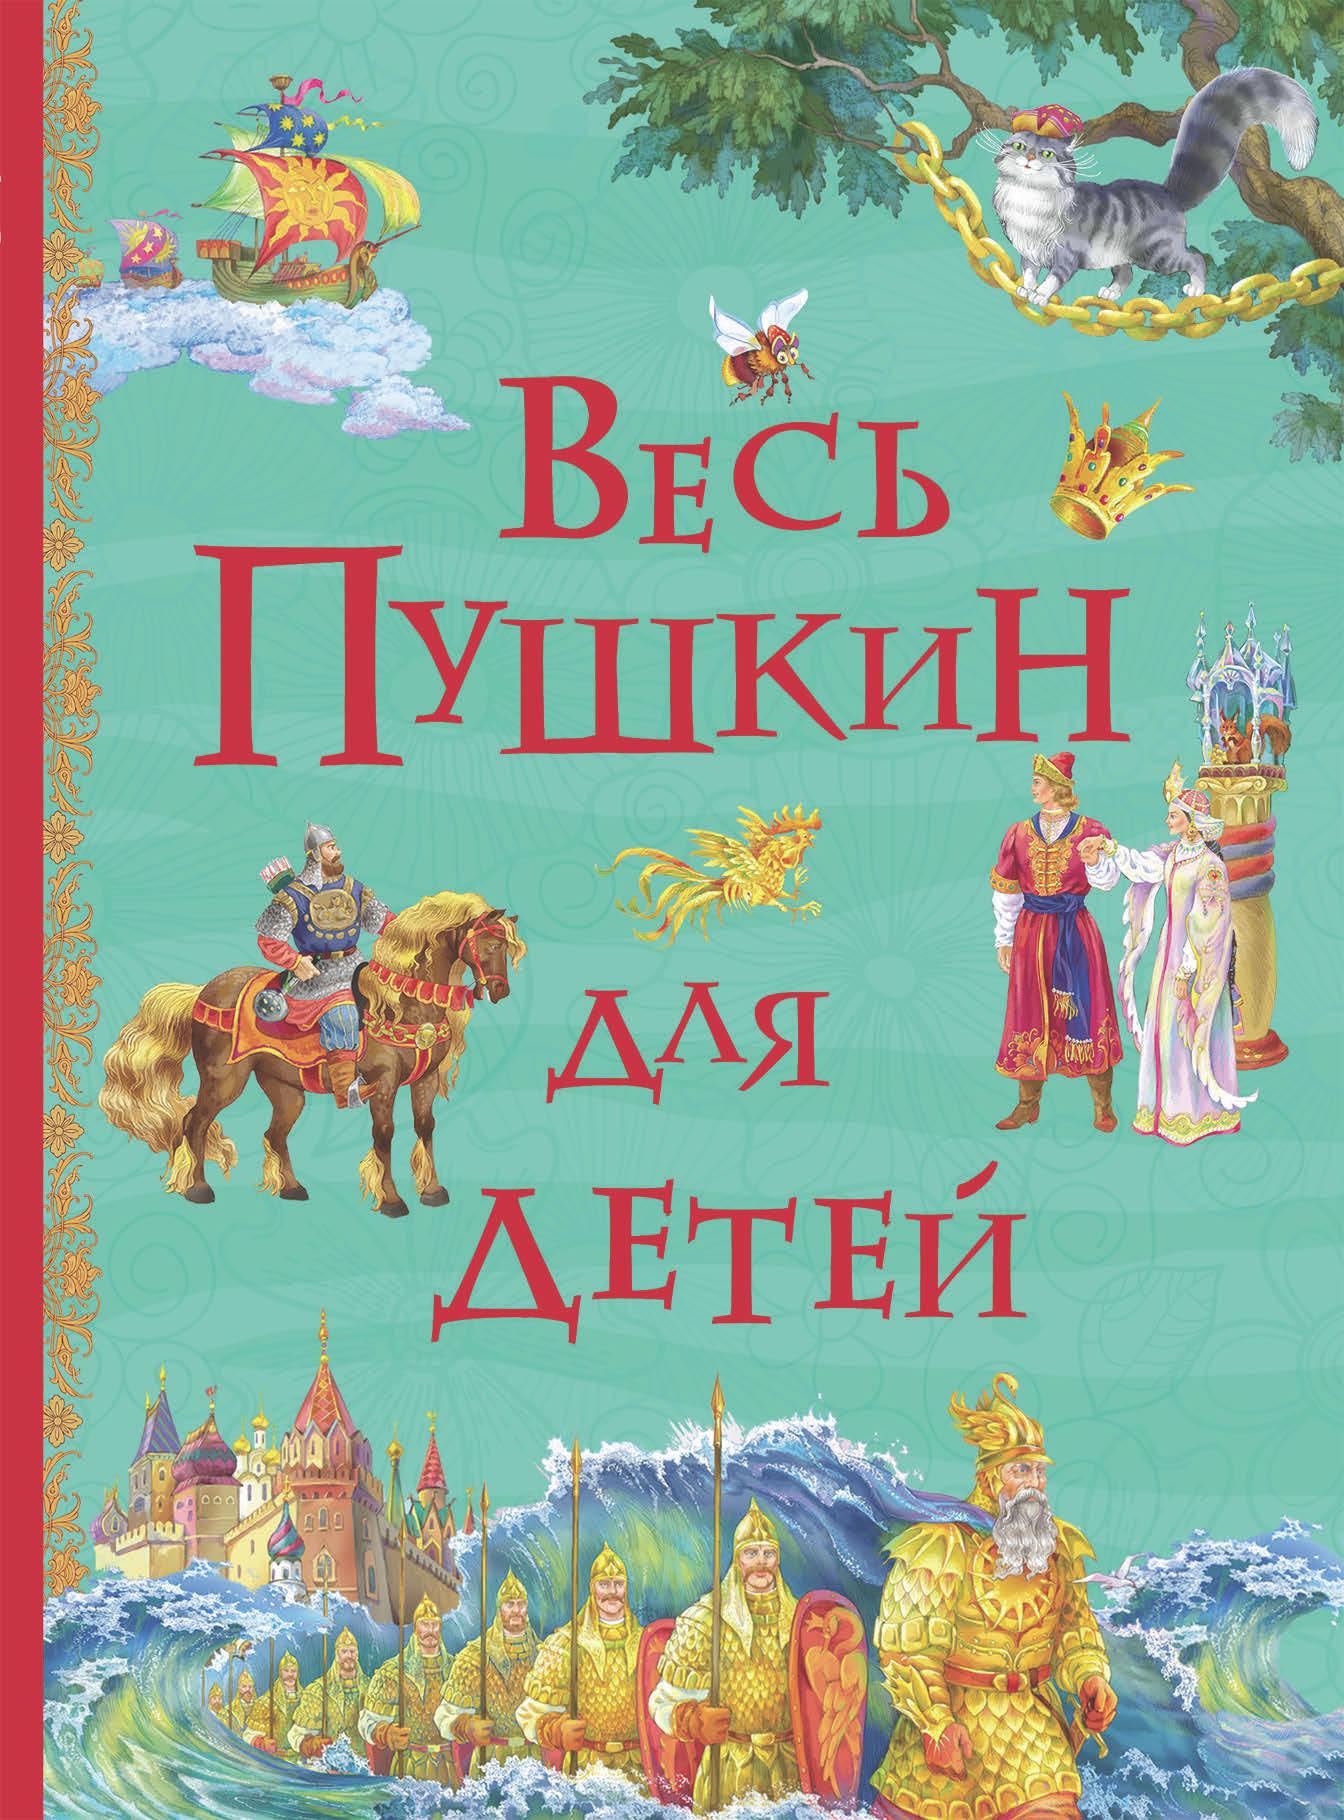 Александр Пушкин Весь Пушкин для детей (сборник) пушкин а с весь пушкин для детей сказки стихи поэма